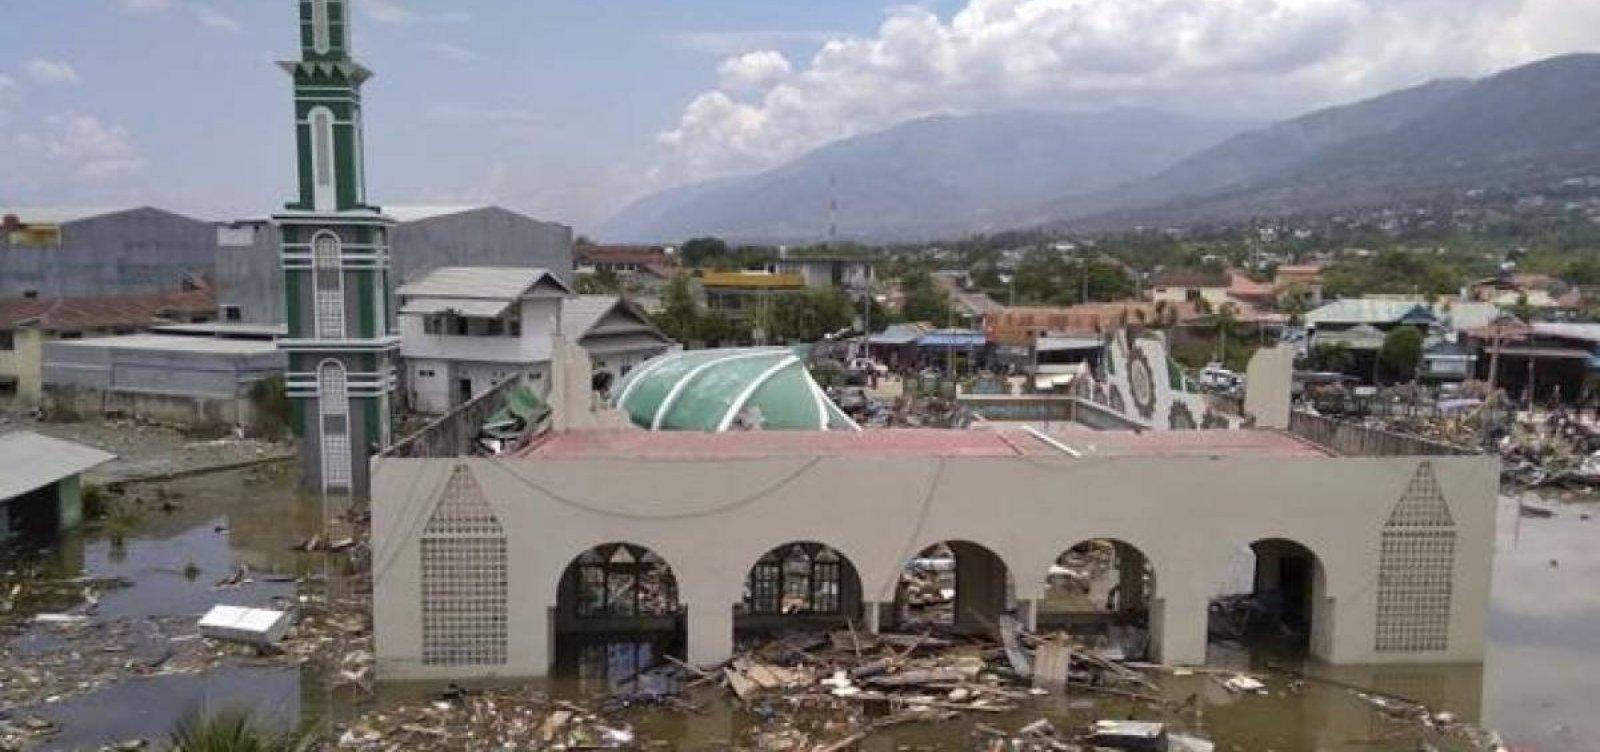 Não há brasileiros entre vítimas de terremoto na Indonésia, diz Itamaraty